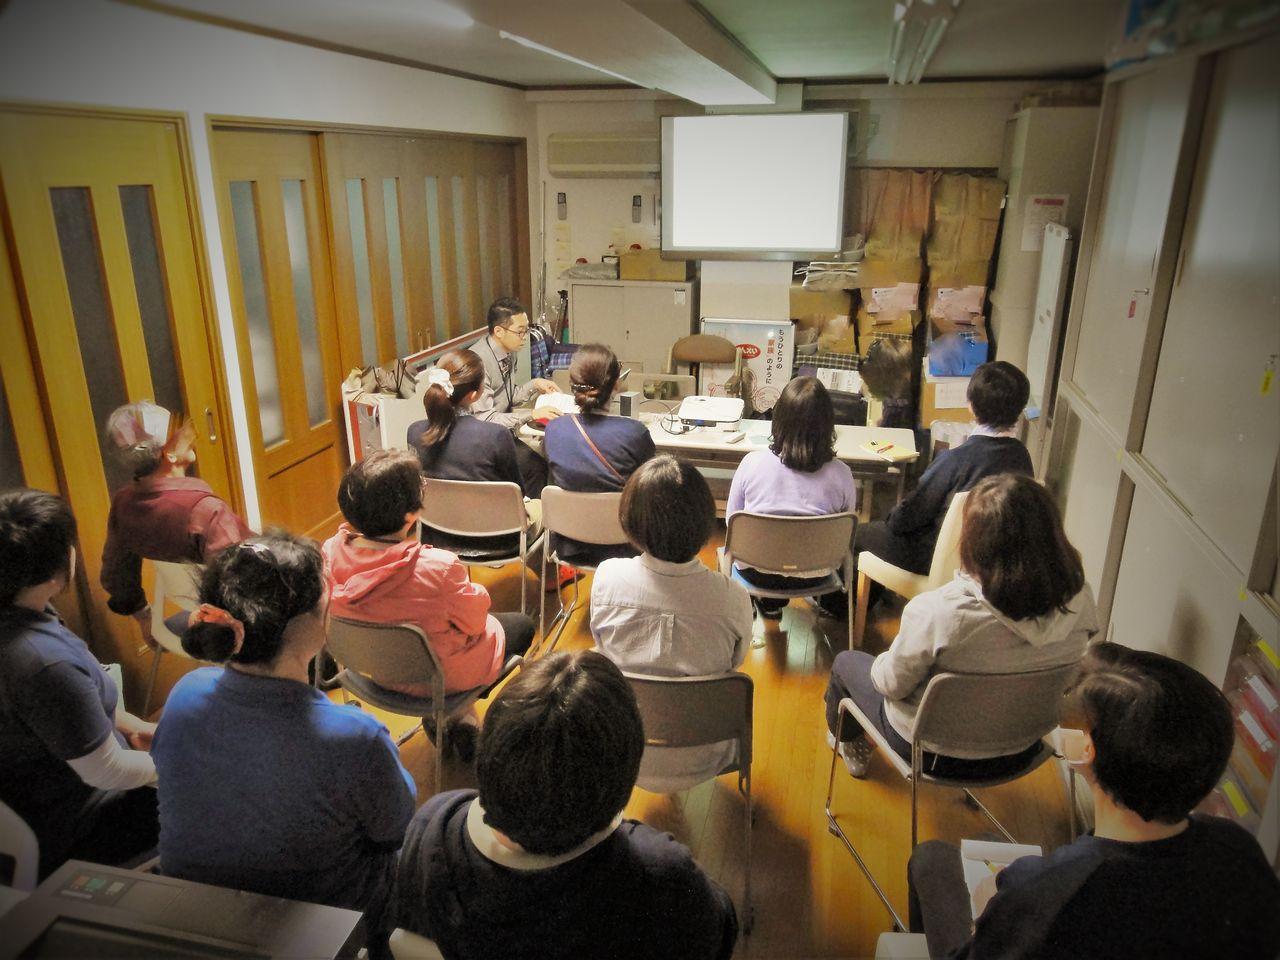 http://livedoor.blogimg.jp/sanei_care/imgs/6/6/66196087.jpg